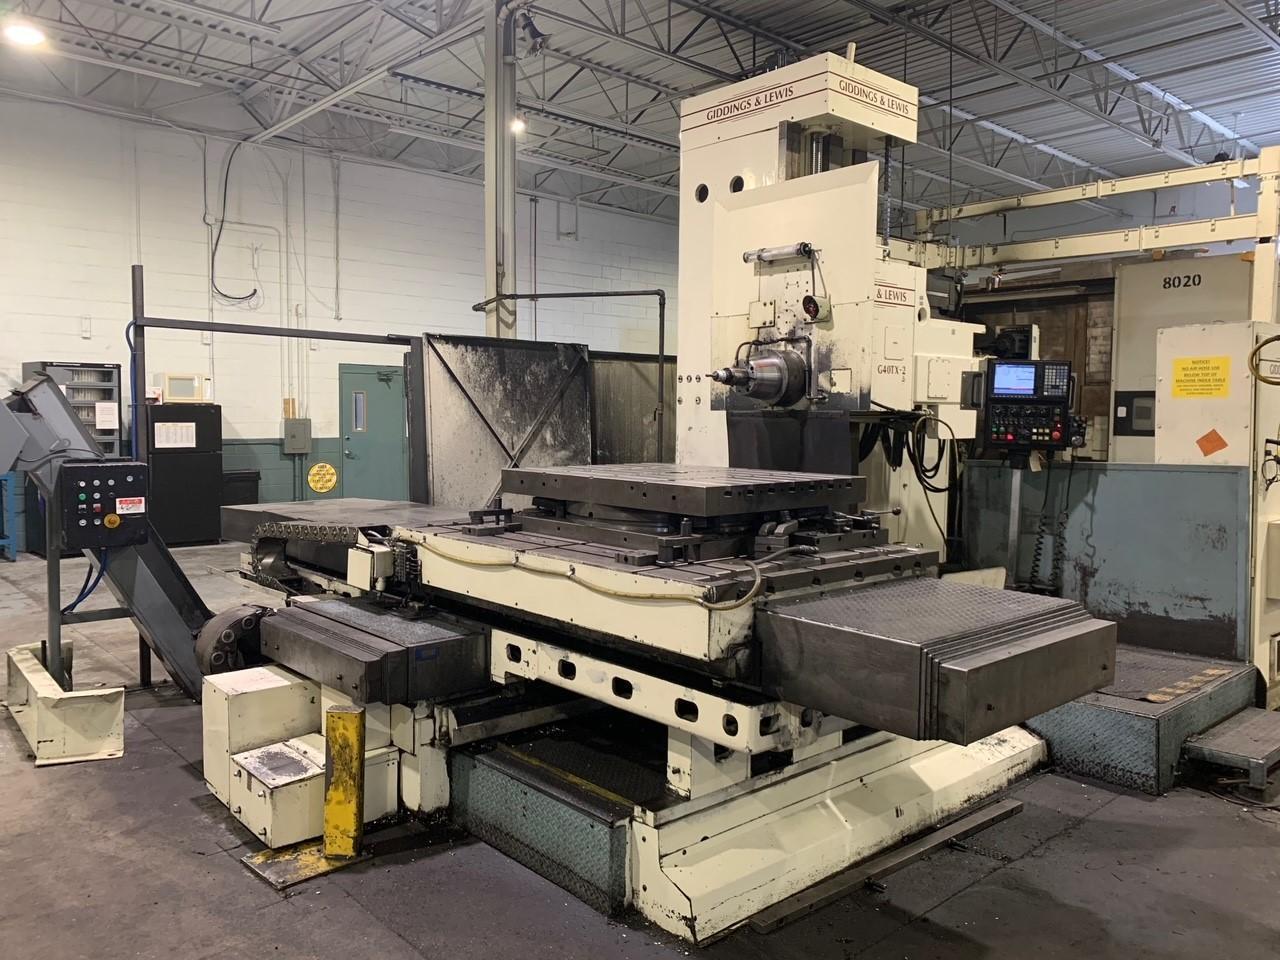 Giddings & Lewis G40TX-2 CNC Horizontal Boring Mill